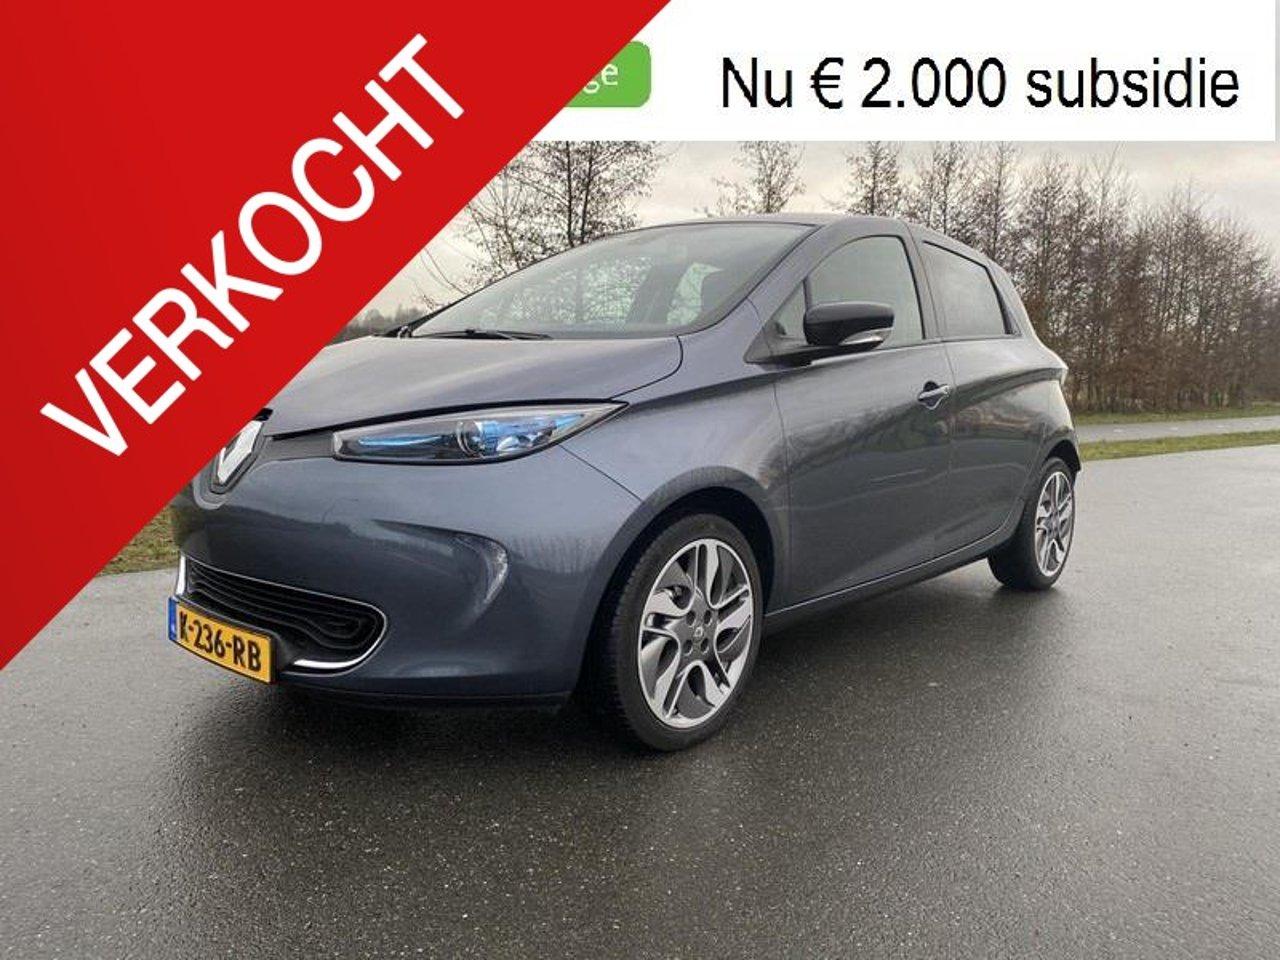 Renault Zoe R90 Intens 41 kWh (ex Accu) prijs is inclusief BTW en € 9950 met subsidie eraf